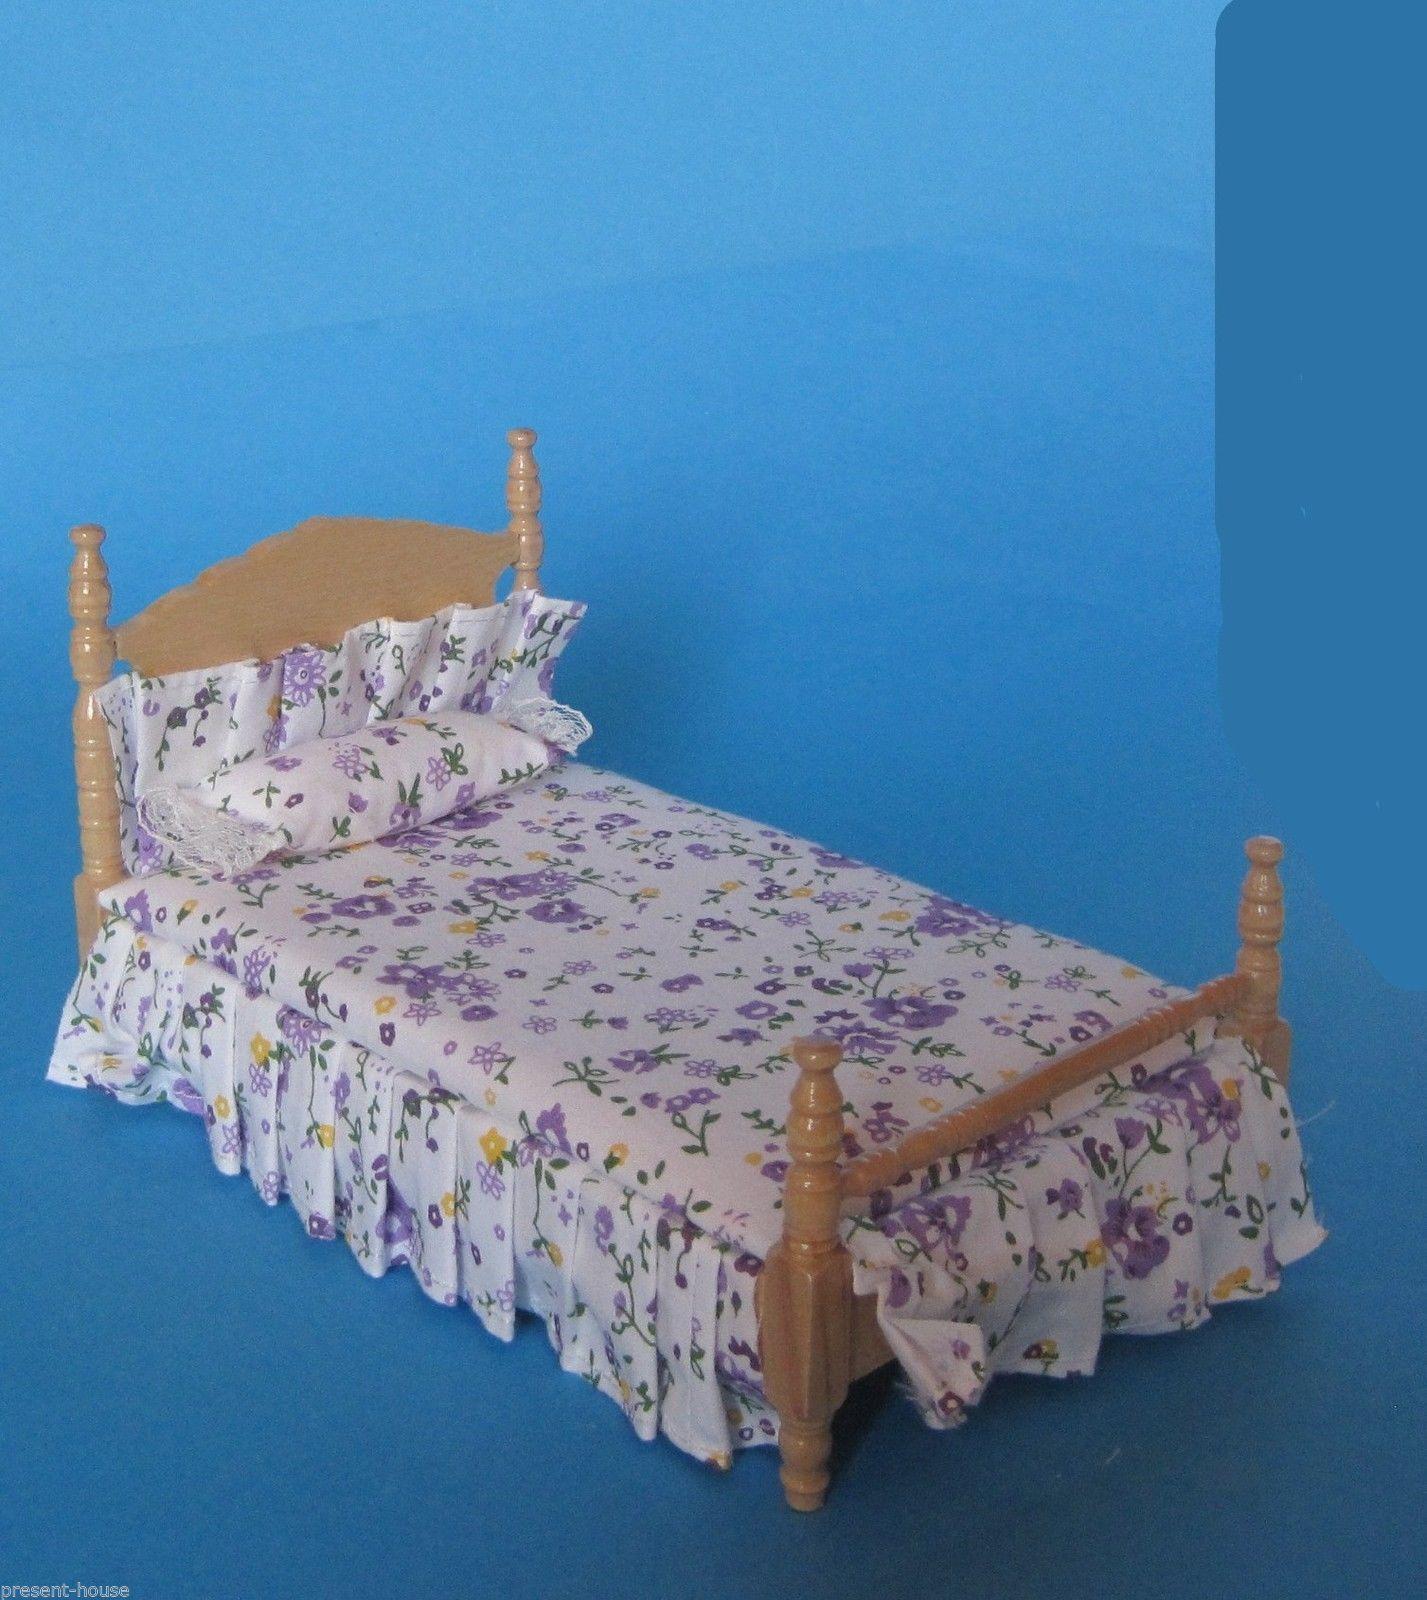 Grosses Puppenbett Schlafzimmer Naturholz lackiert Puppenhausmöbel 1 ...